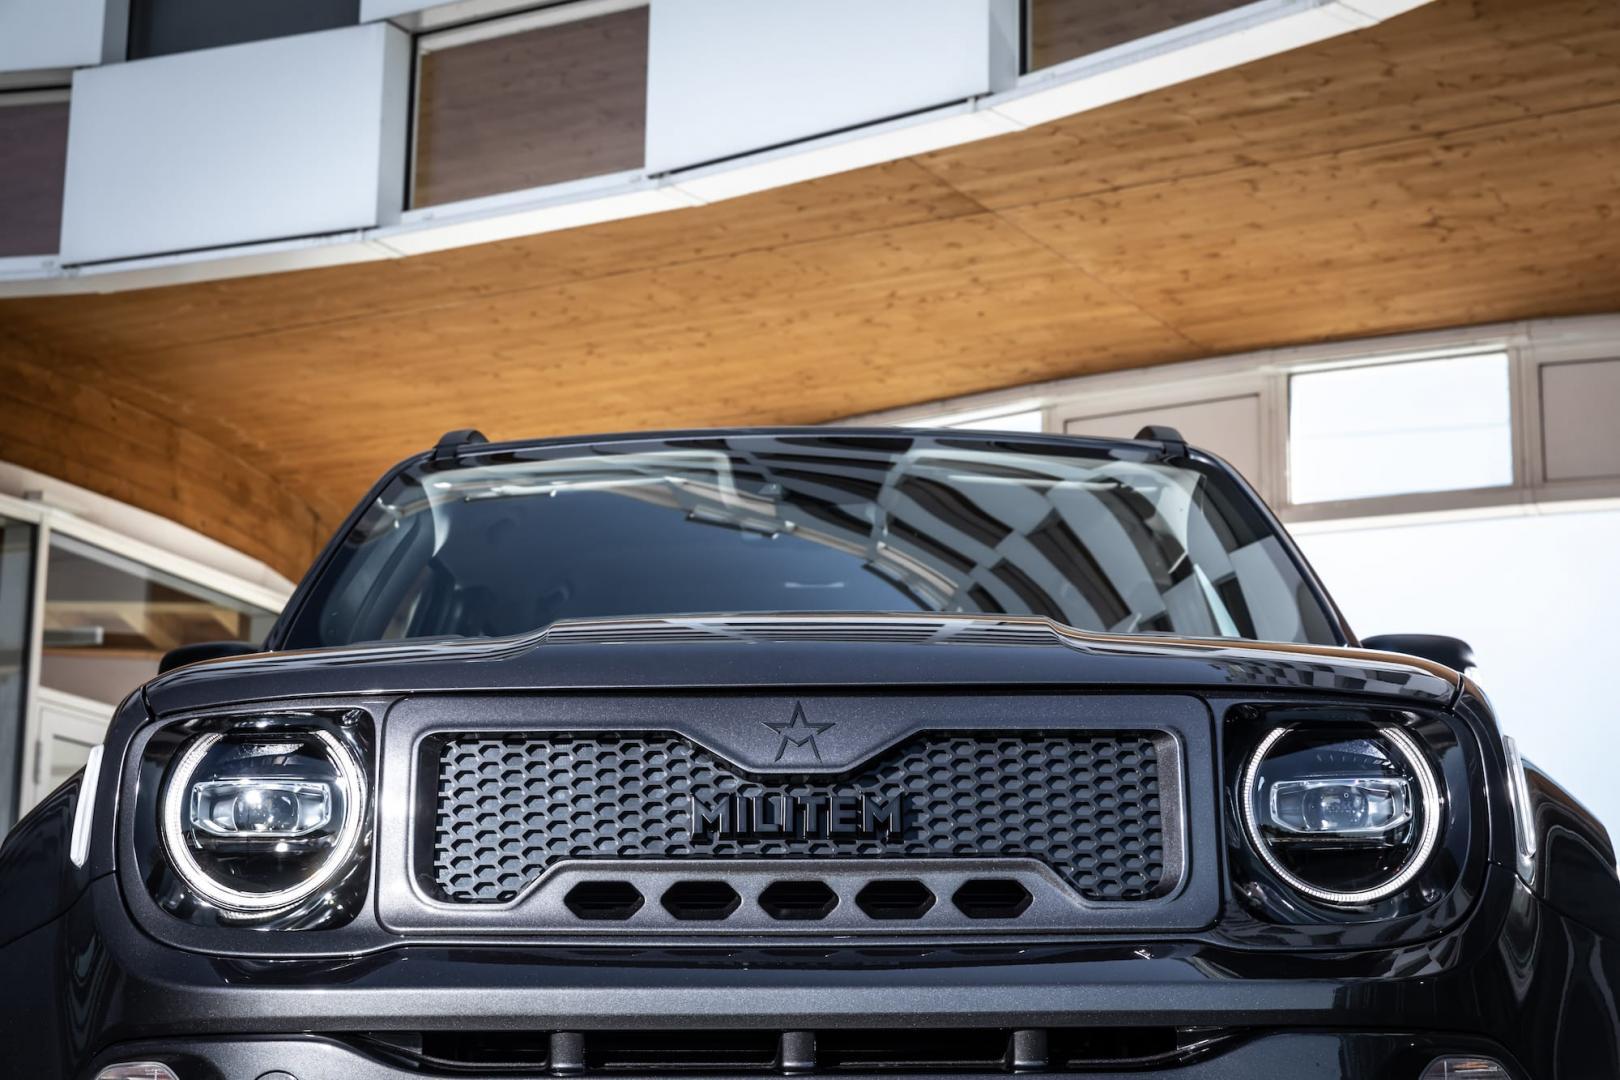 Militem Jeep Renegade grille koplampen